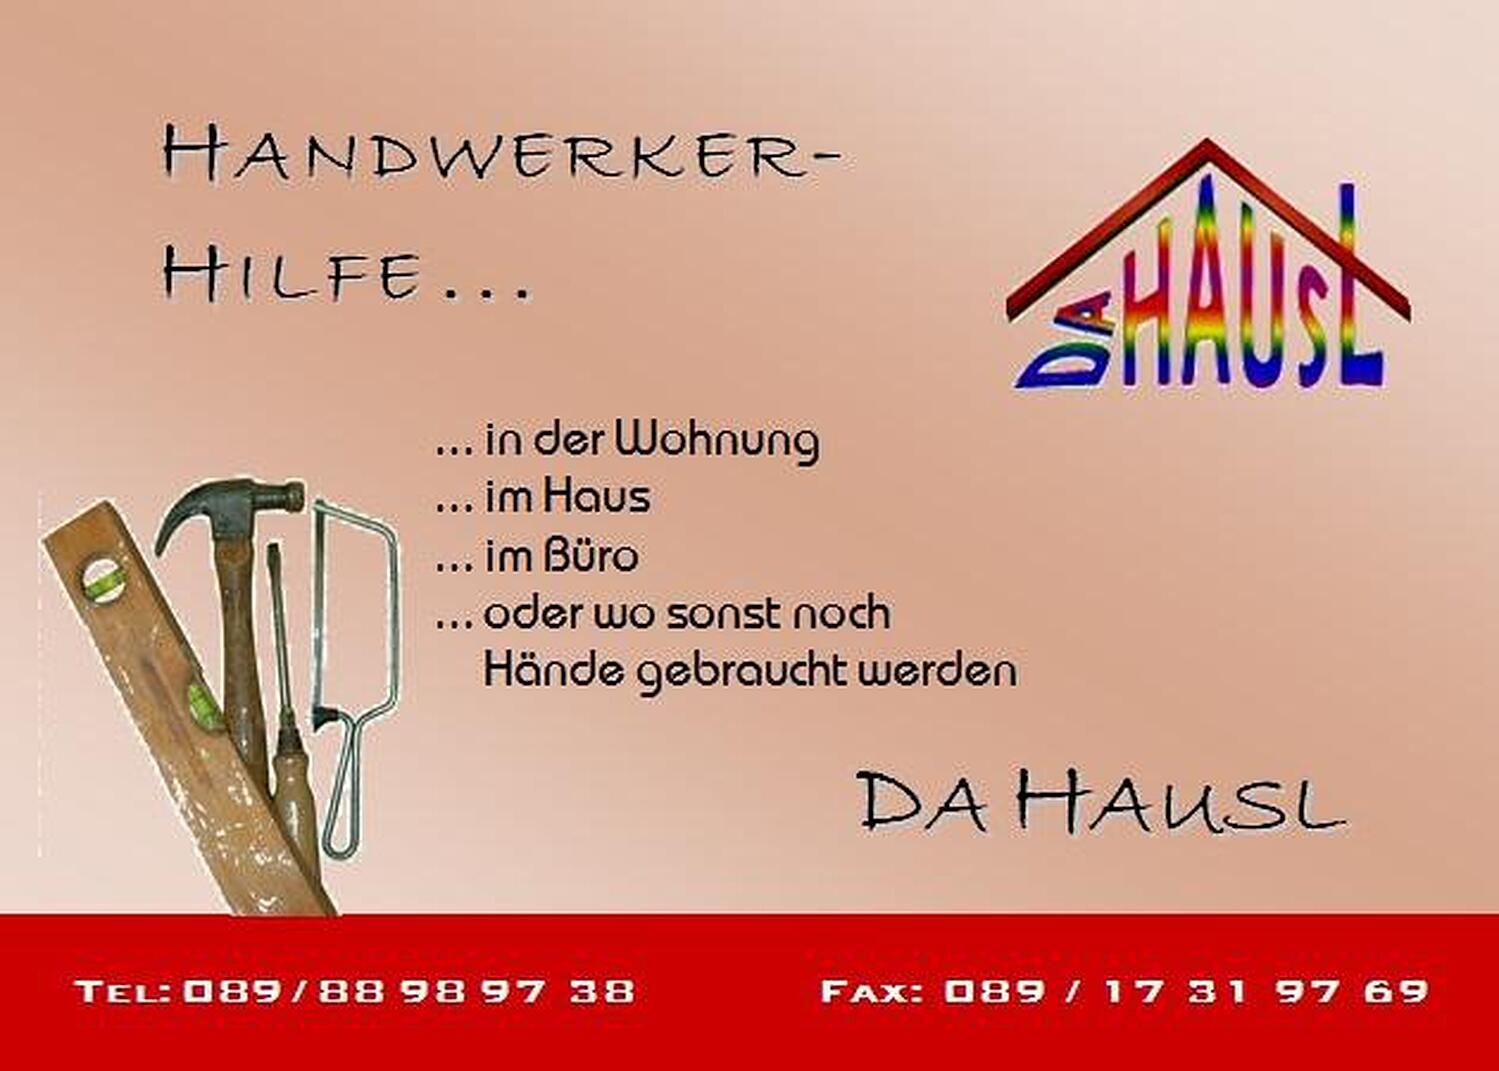 Da Hausl Hausmeister Und Handwerker Service Munchen Gassnerstr